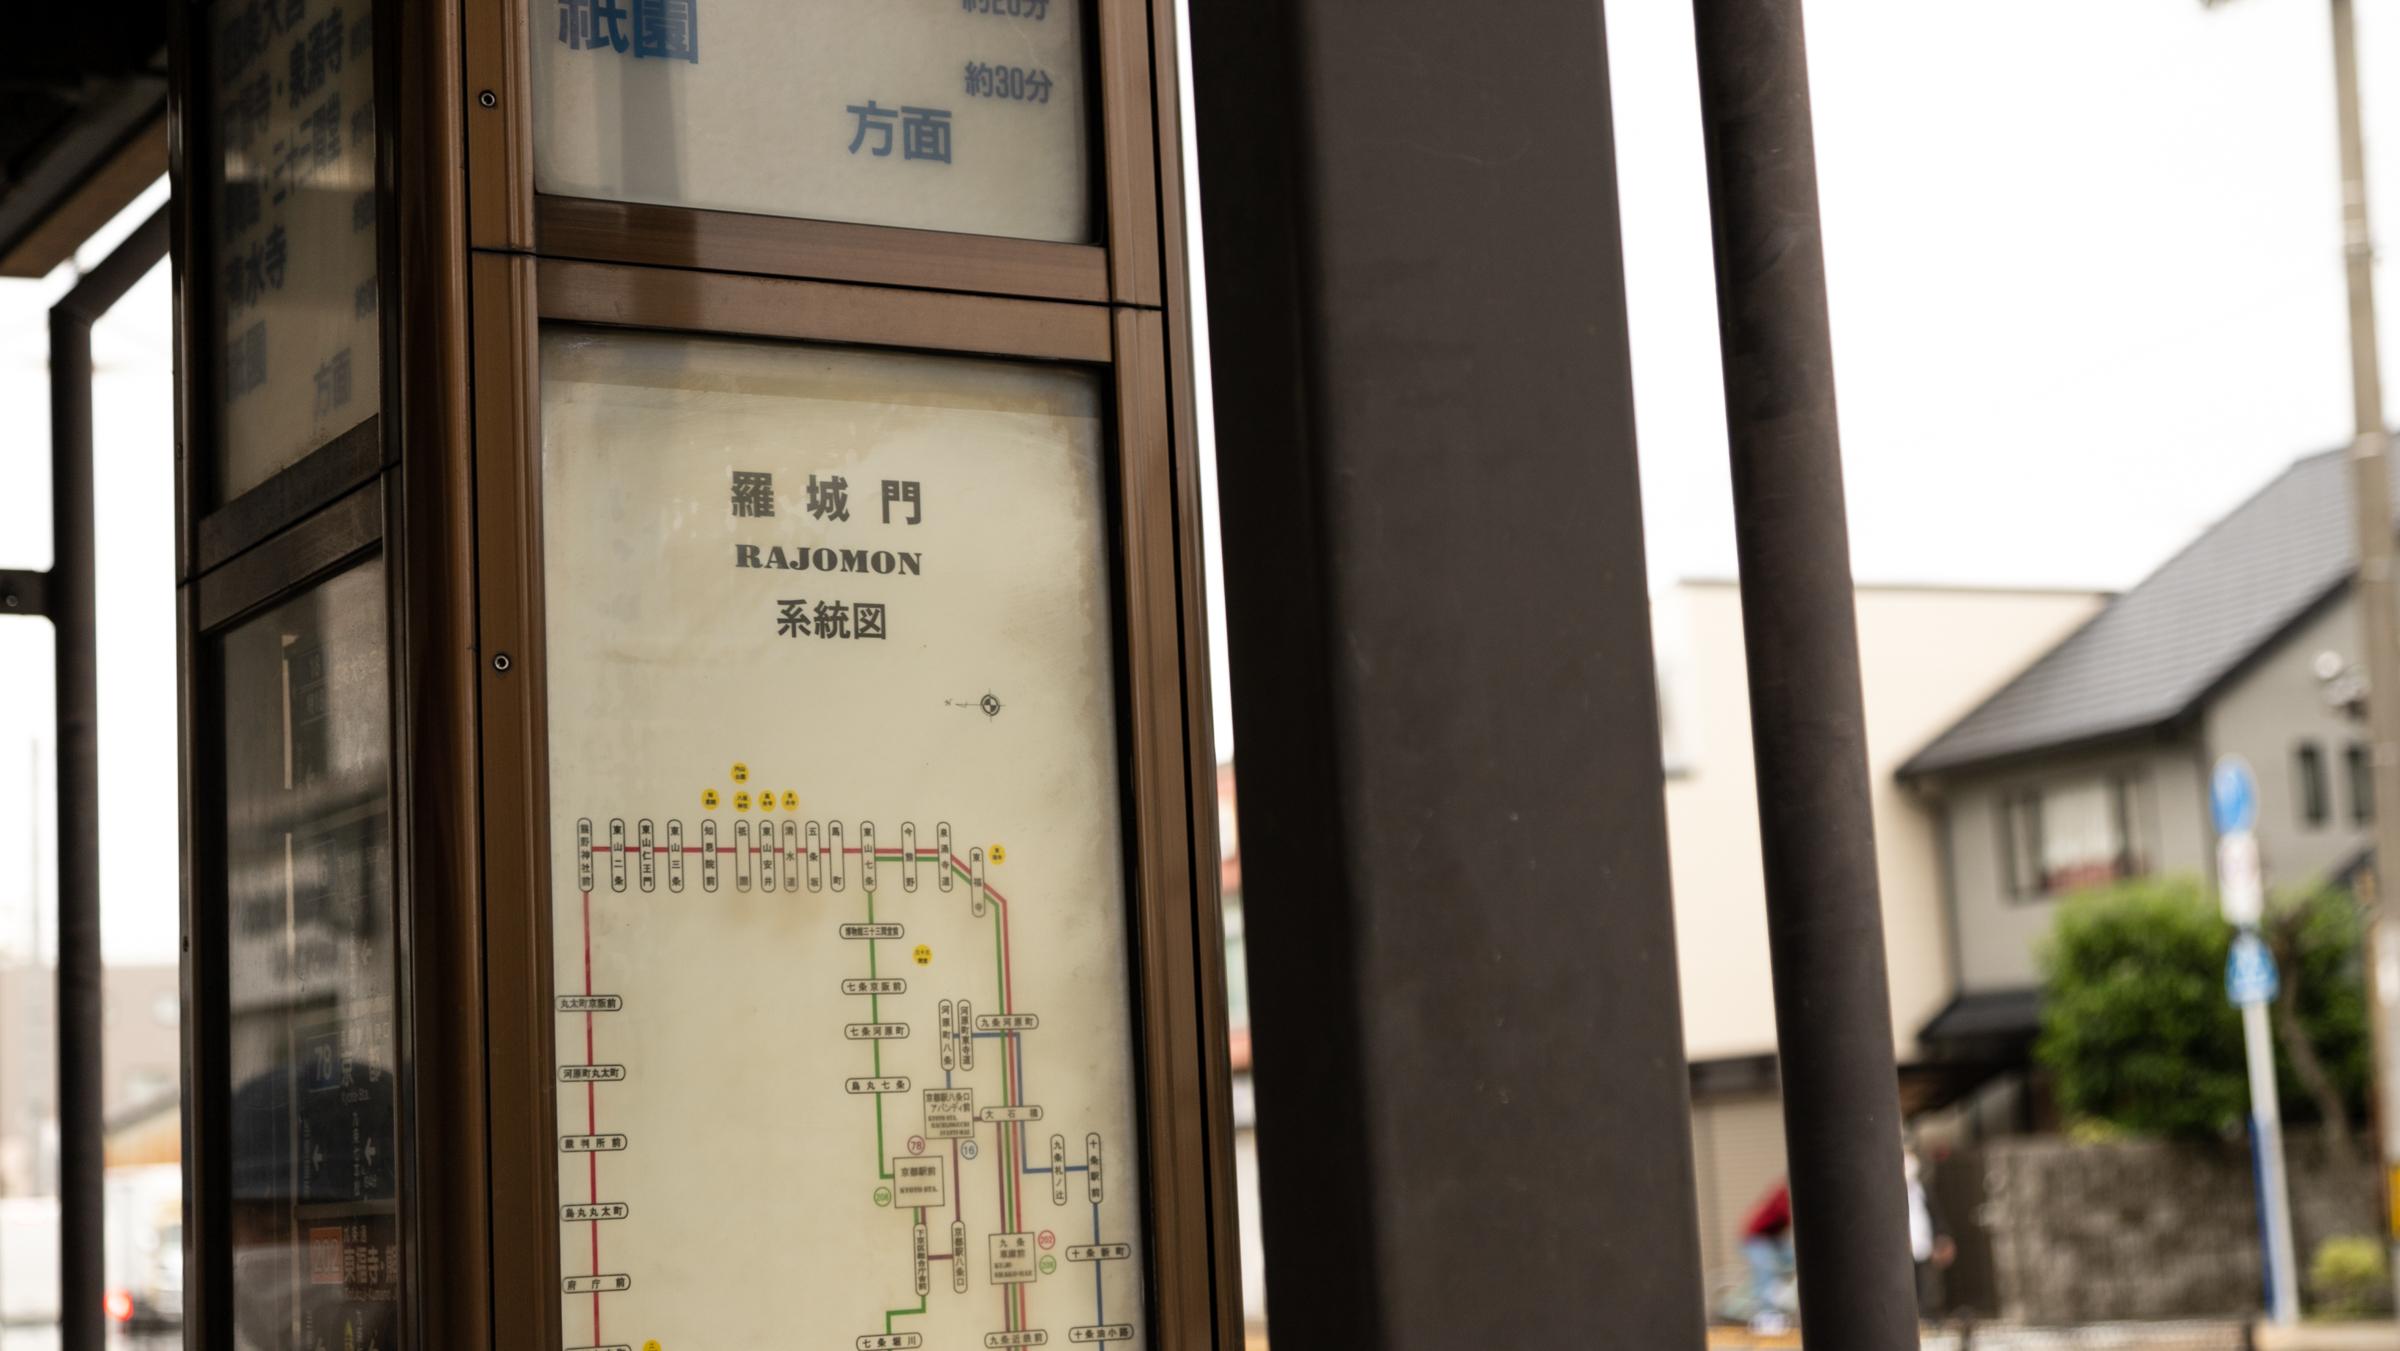 「羅城門」に行くなら東寺とセットで!渡辺綱の伝説でもおなじみの跡地を見たくて京都まで行ってみた(平安京旅行記)